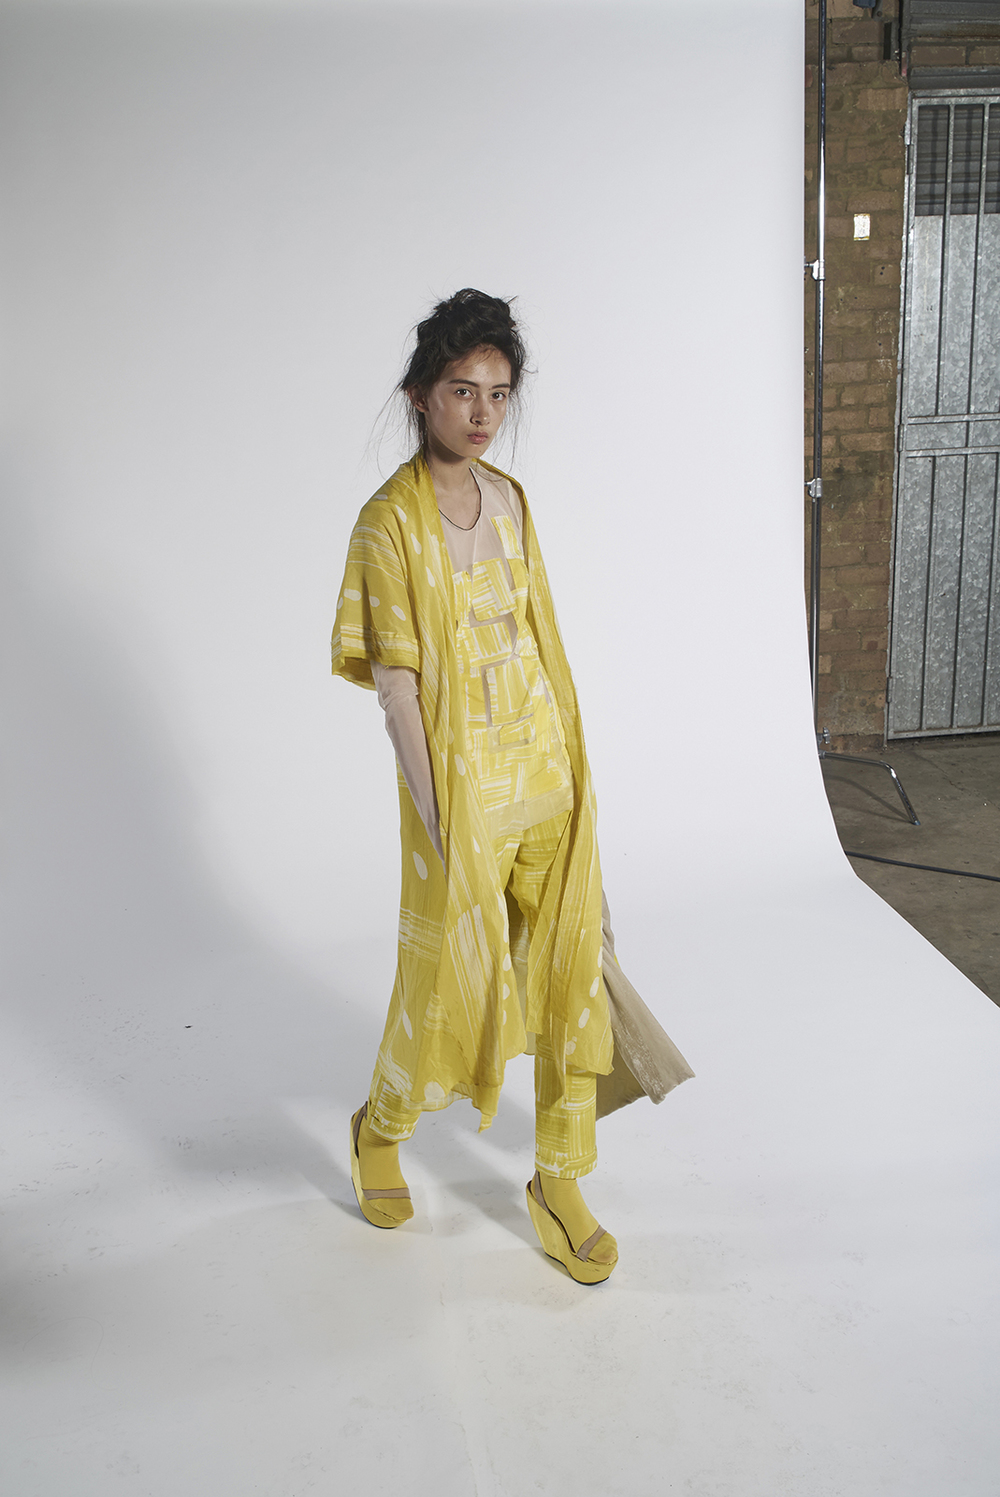 593/A151152 Batik Tie Kimono 592/A153369 Batik Patchwork Tulle Top 592/A156112L Batik Slim Pants 801/A152092 Plaited Velvet Scarf